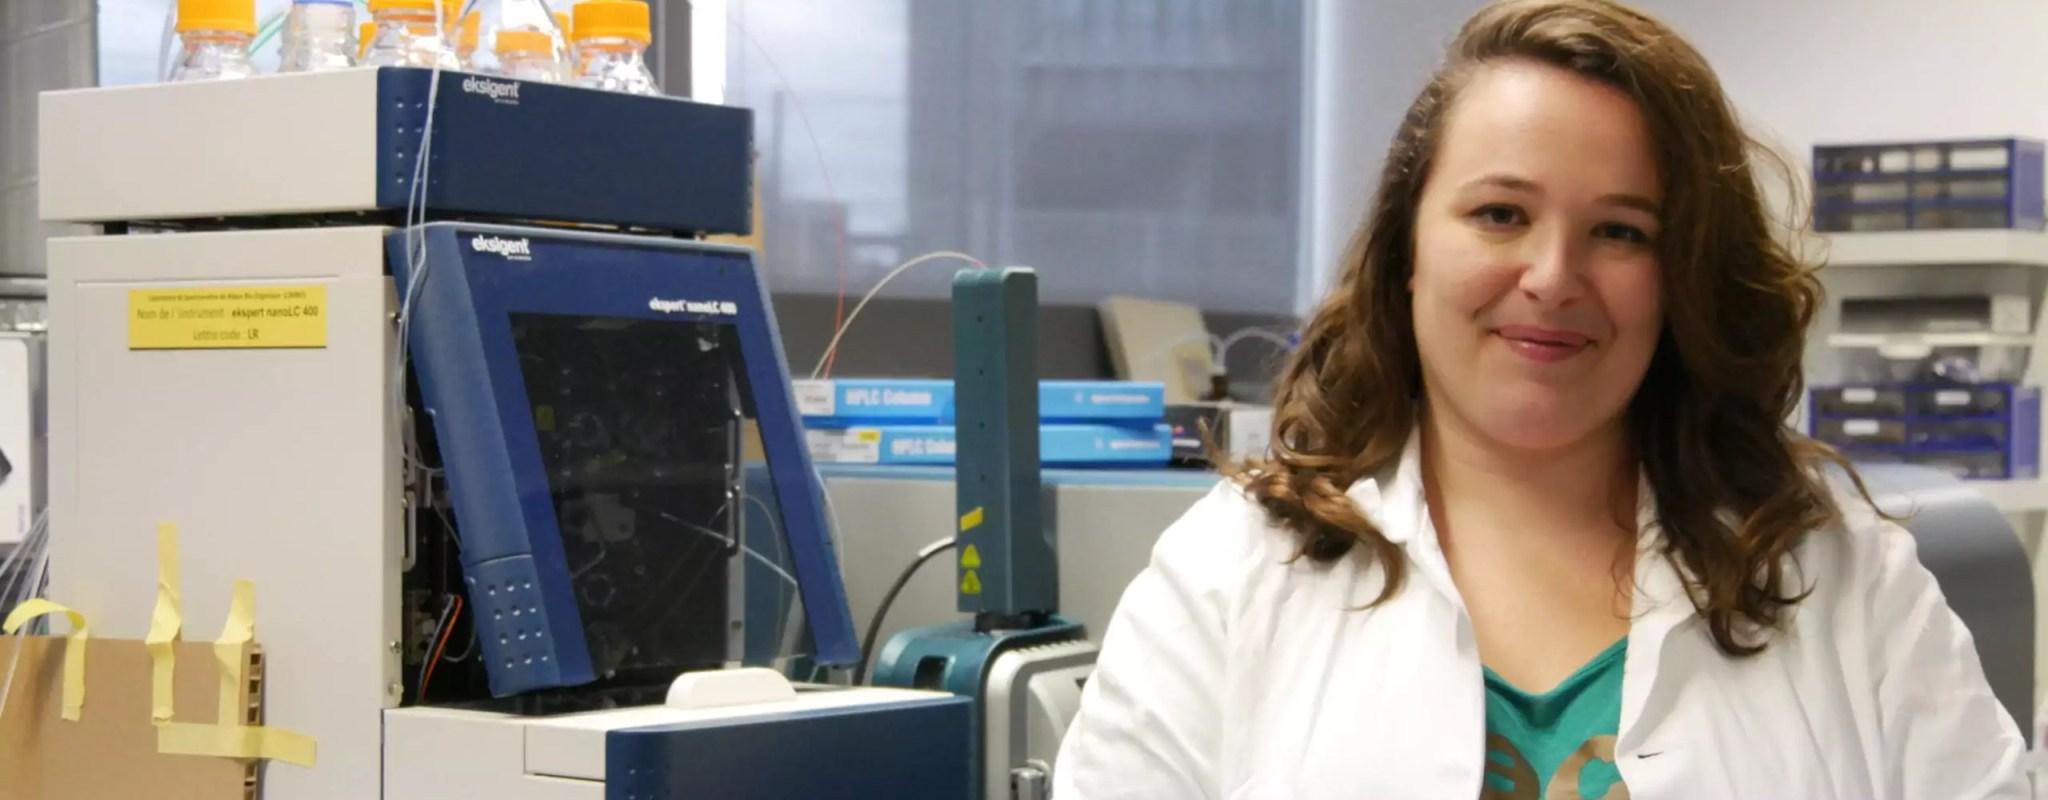 Cette chercheuse strasbourgeoise veut mieux soigner le cœur des femmes